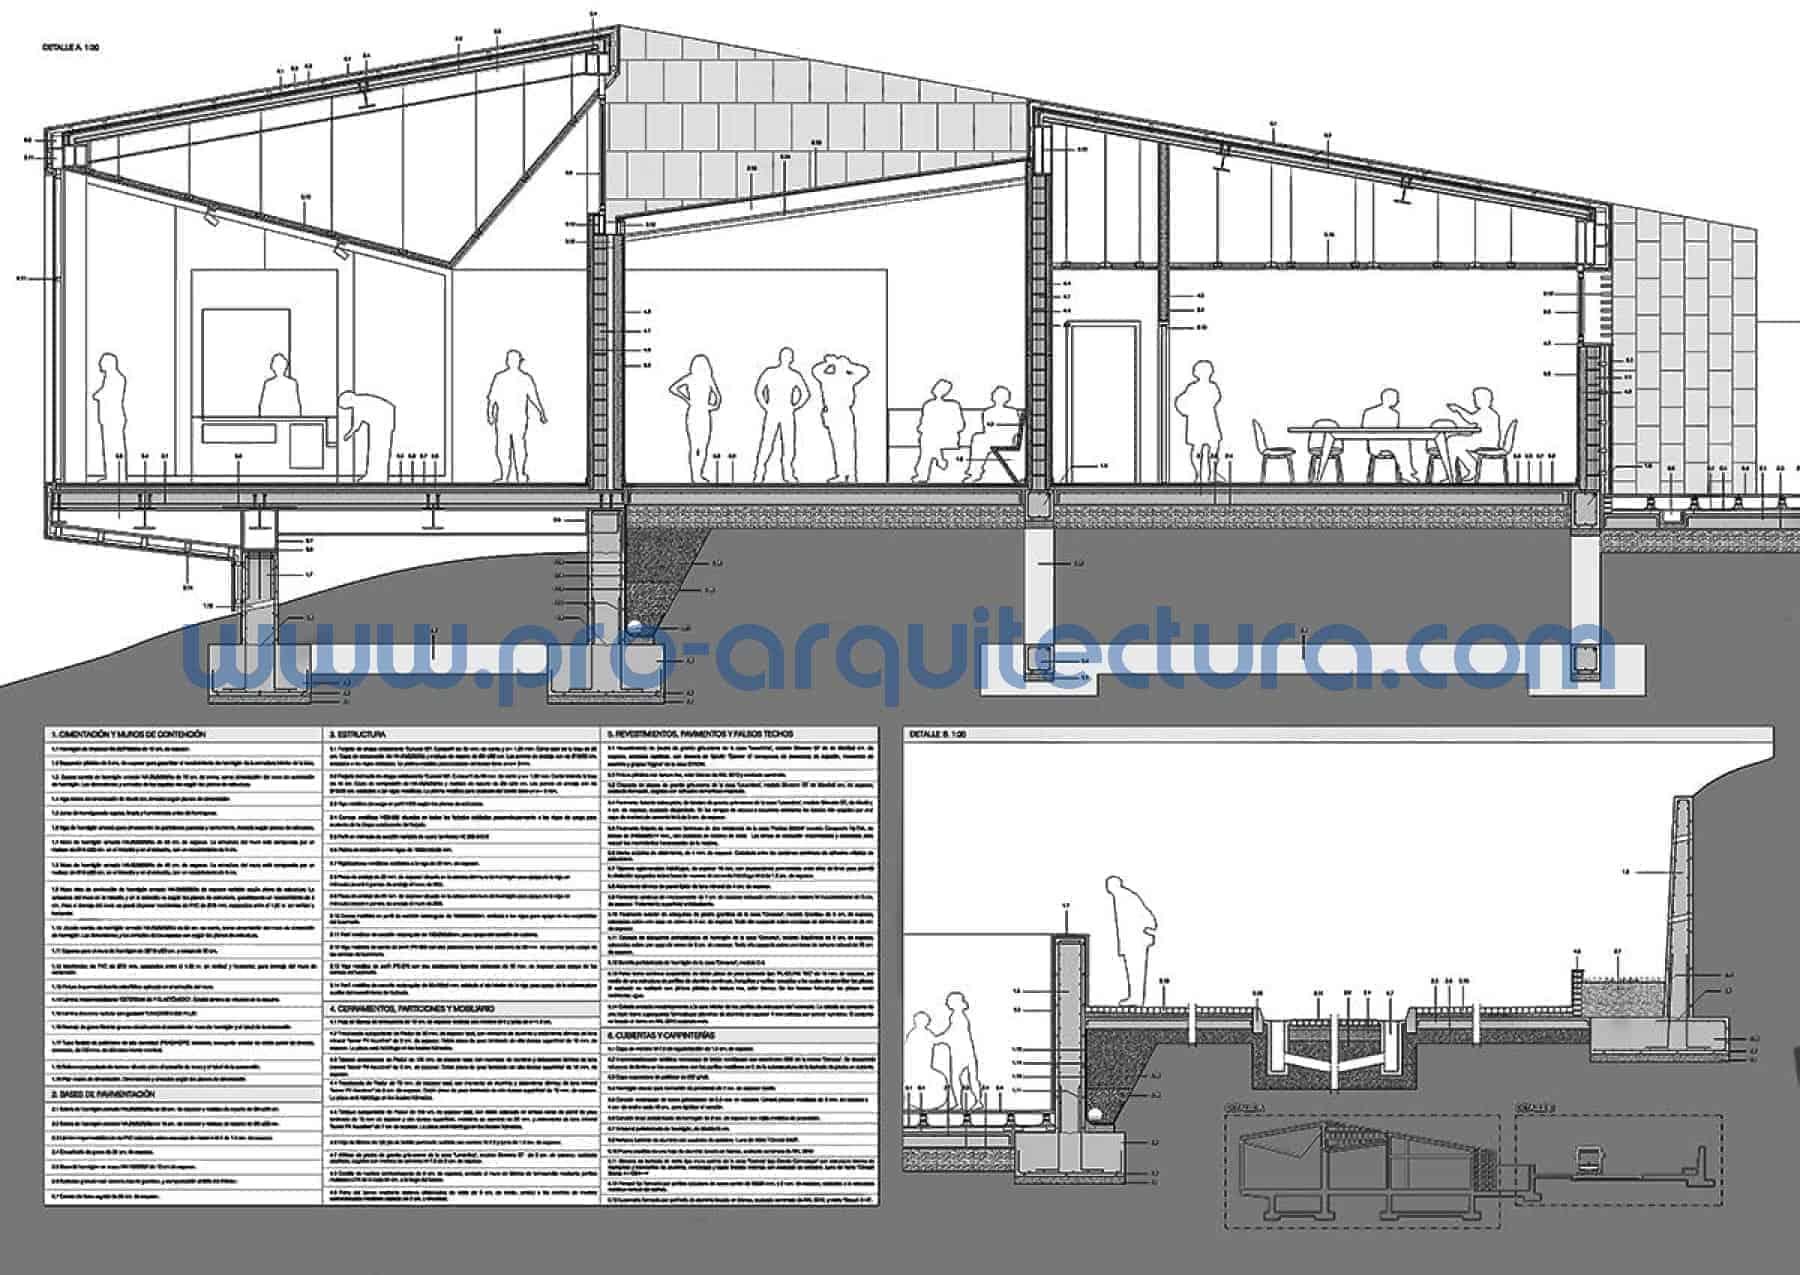 0003-01 Observatorio astronómico - Sección y detalles constructivos - Tu ayuda con la entrega del pfc pfg tfg tfm de arquitectura.